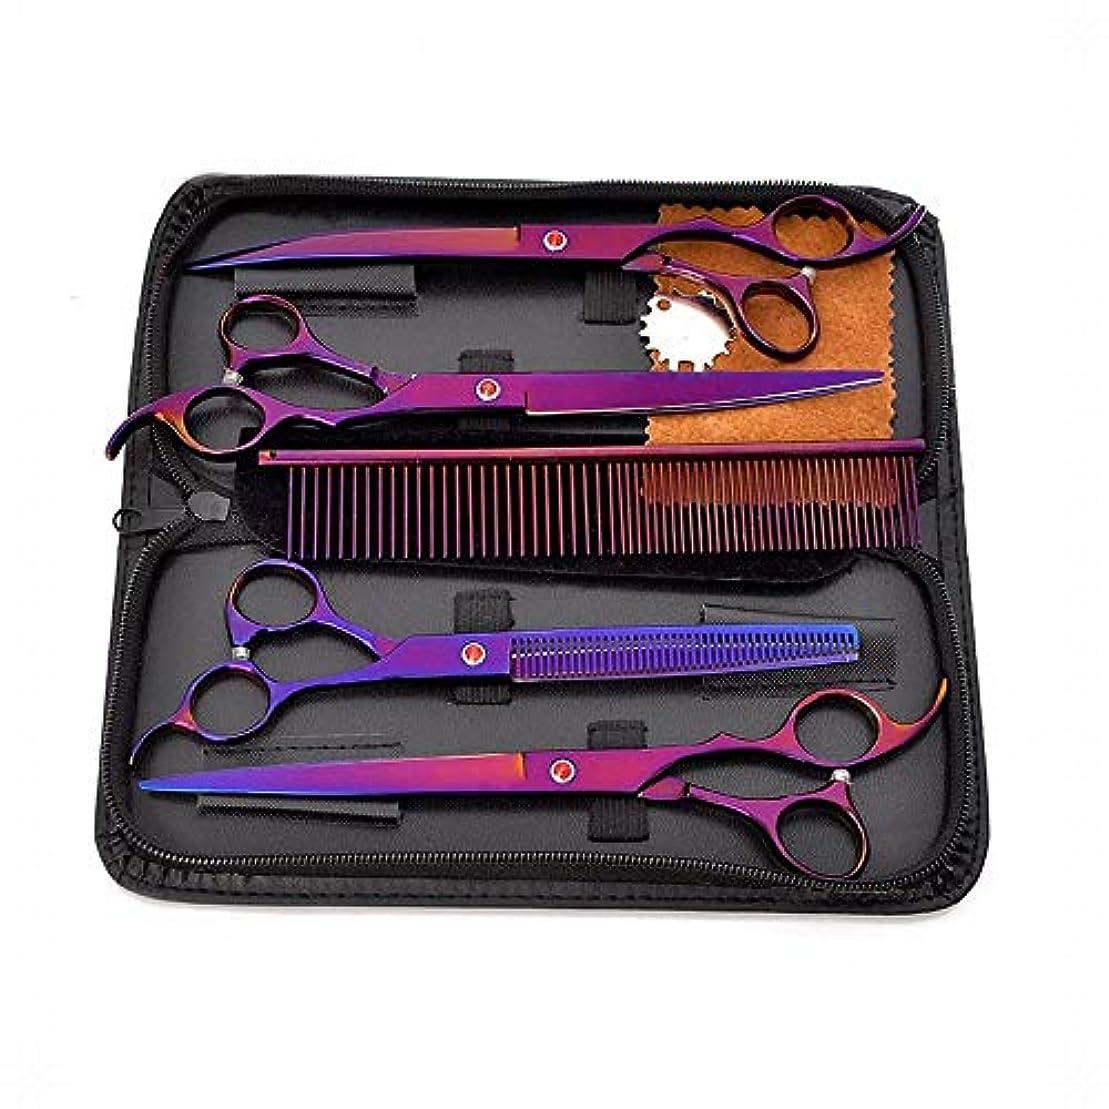 Hairdressing 8インチペットグルーミングはさみ4のセット、ステンレス鋼パープルペットプロフェッショナル理髪セットフラットせん断+歯はさみヘアカットはさみステンレス理髪はさみ (色 : 紫の)